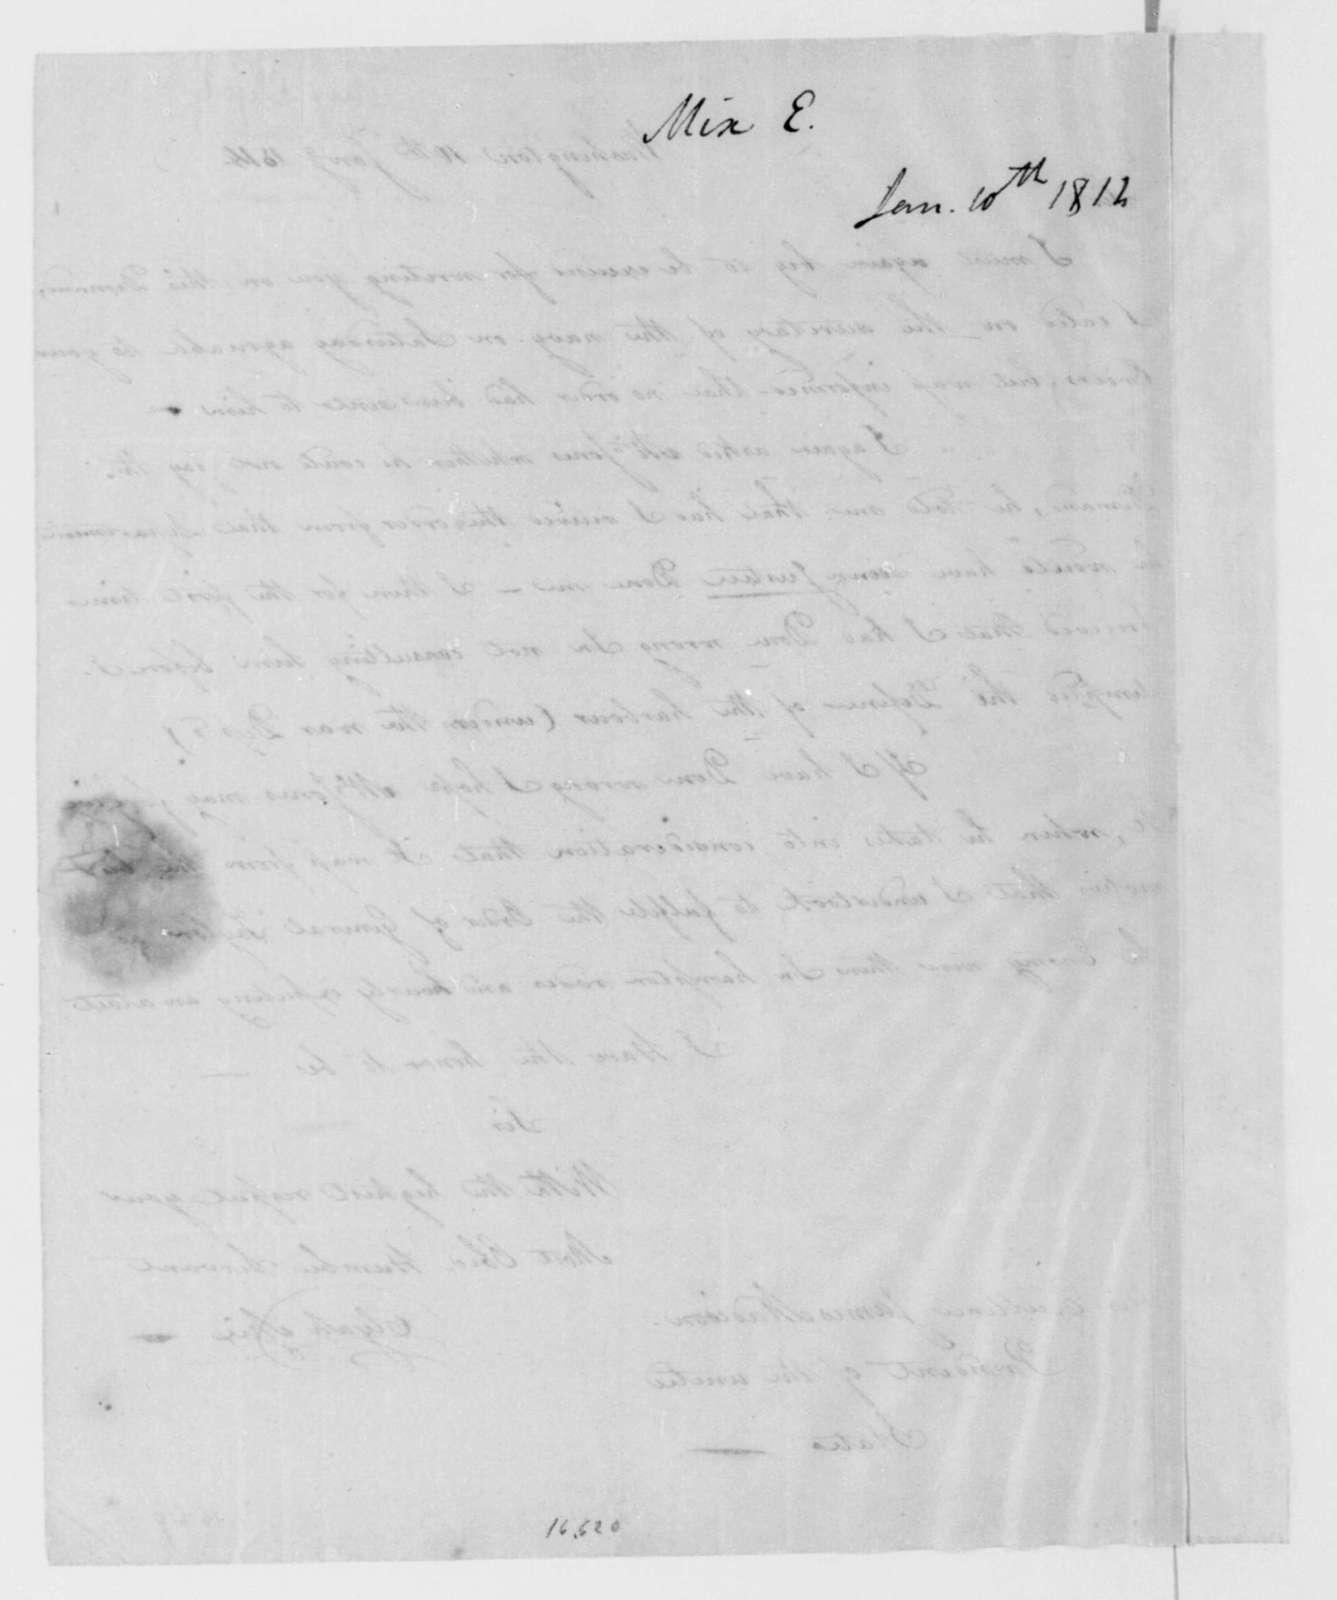 Elijah Mix to James Madison, January 10, 1814.